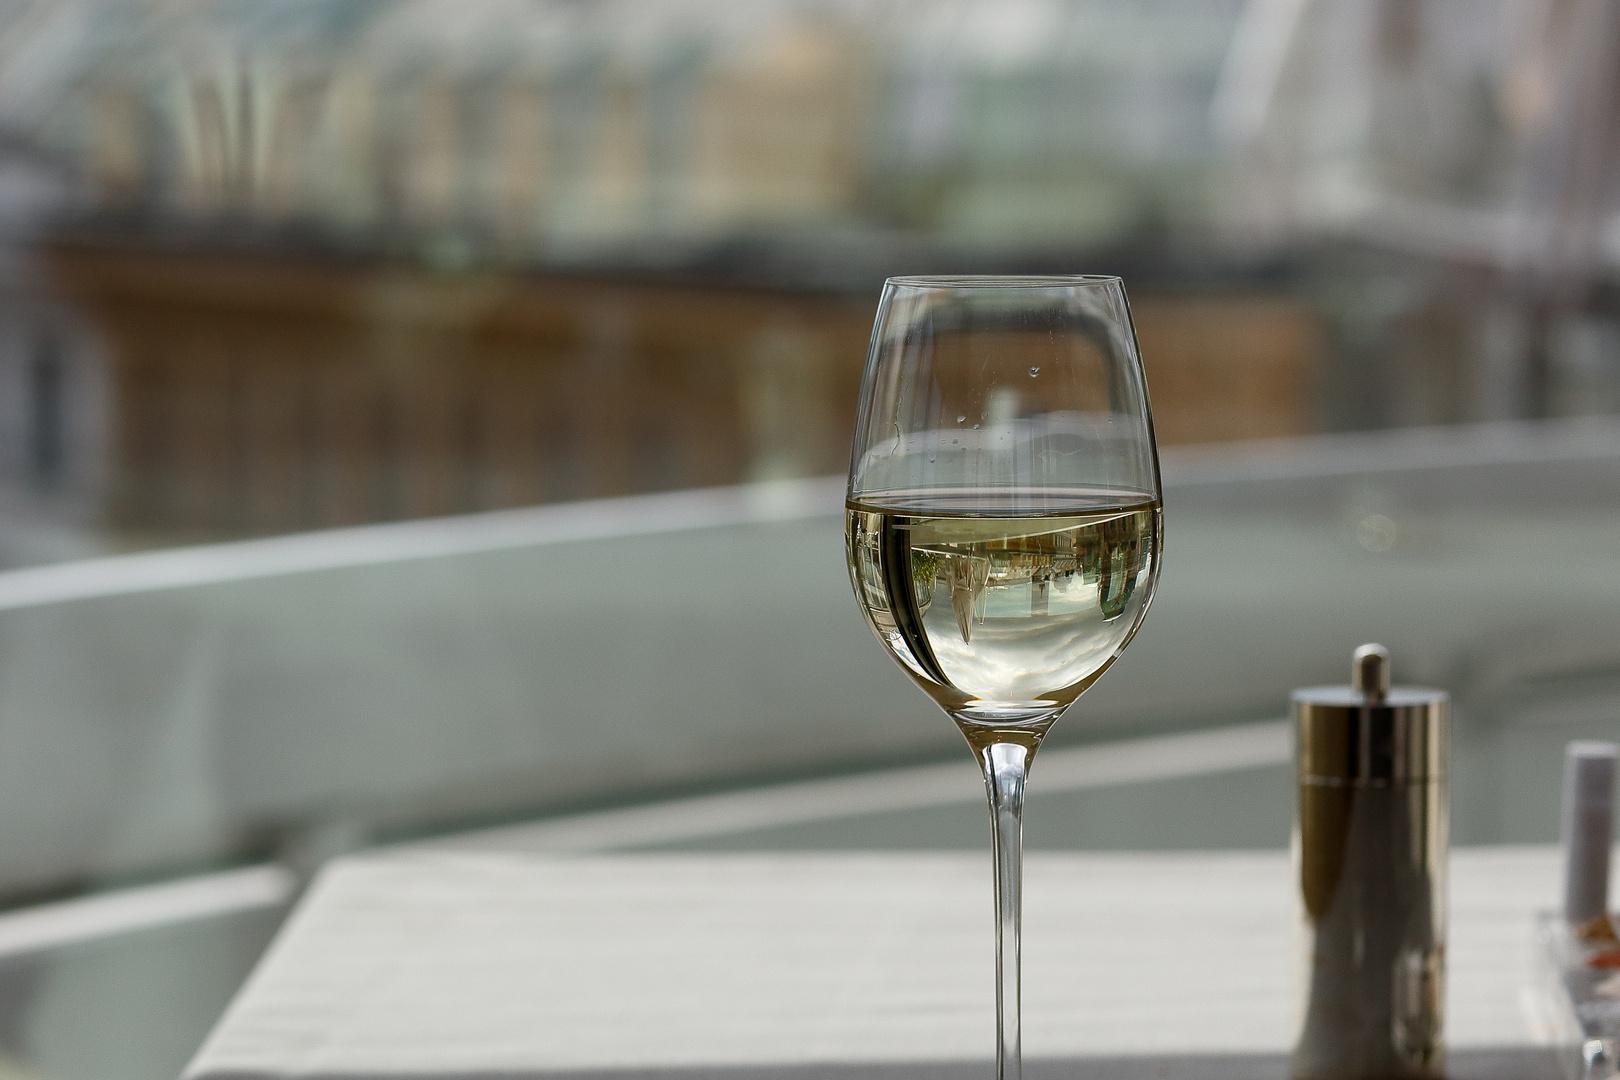 Der Spiegel im Weinglas